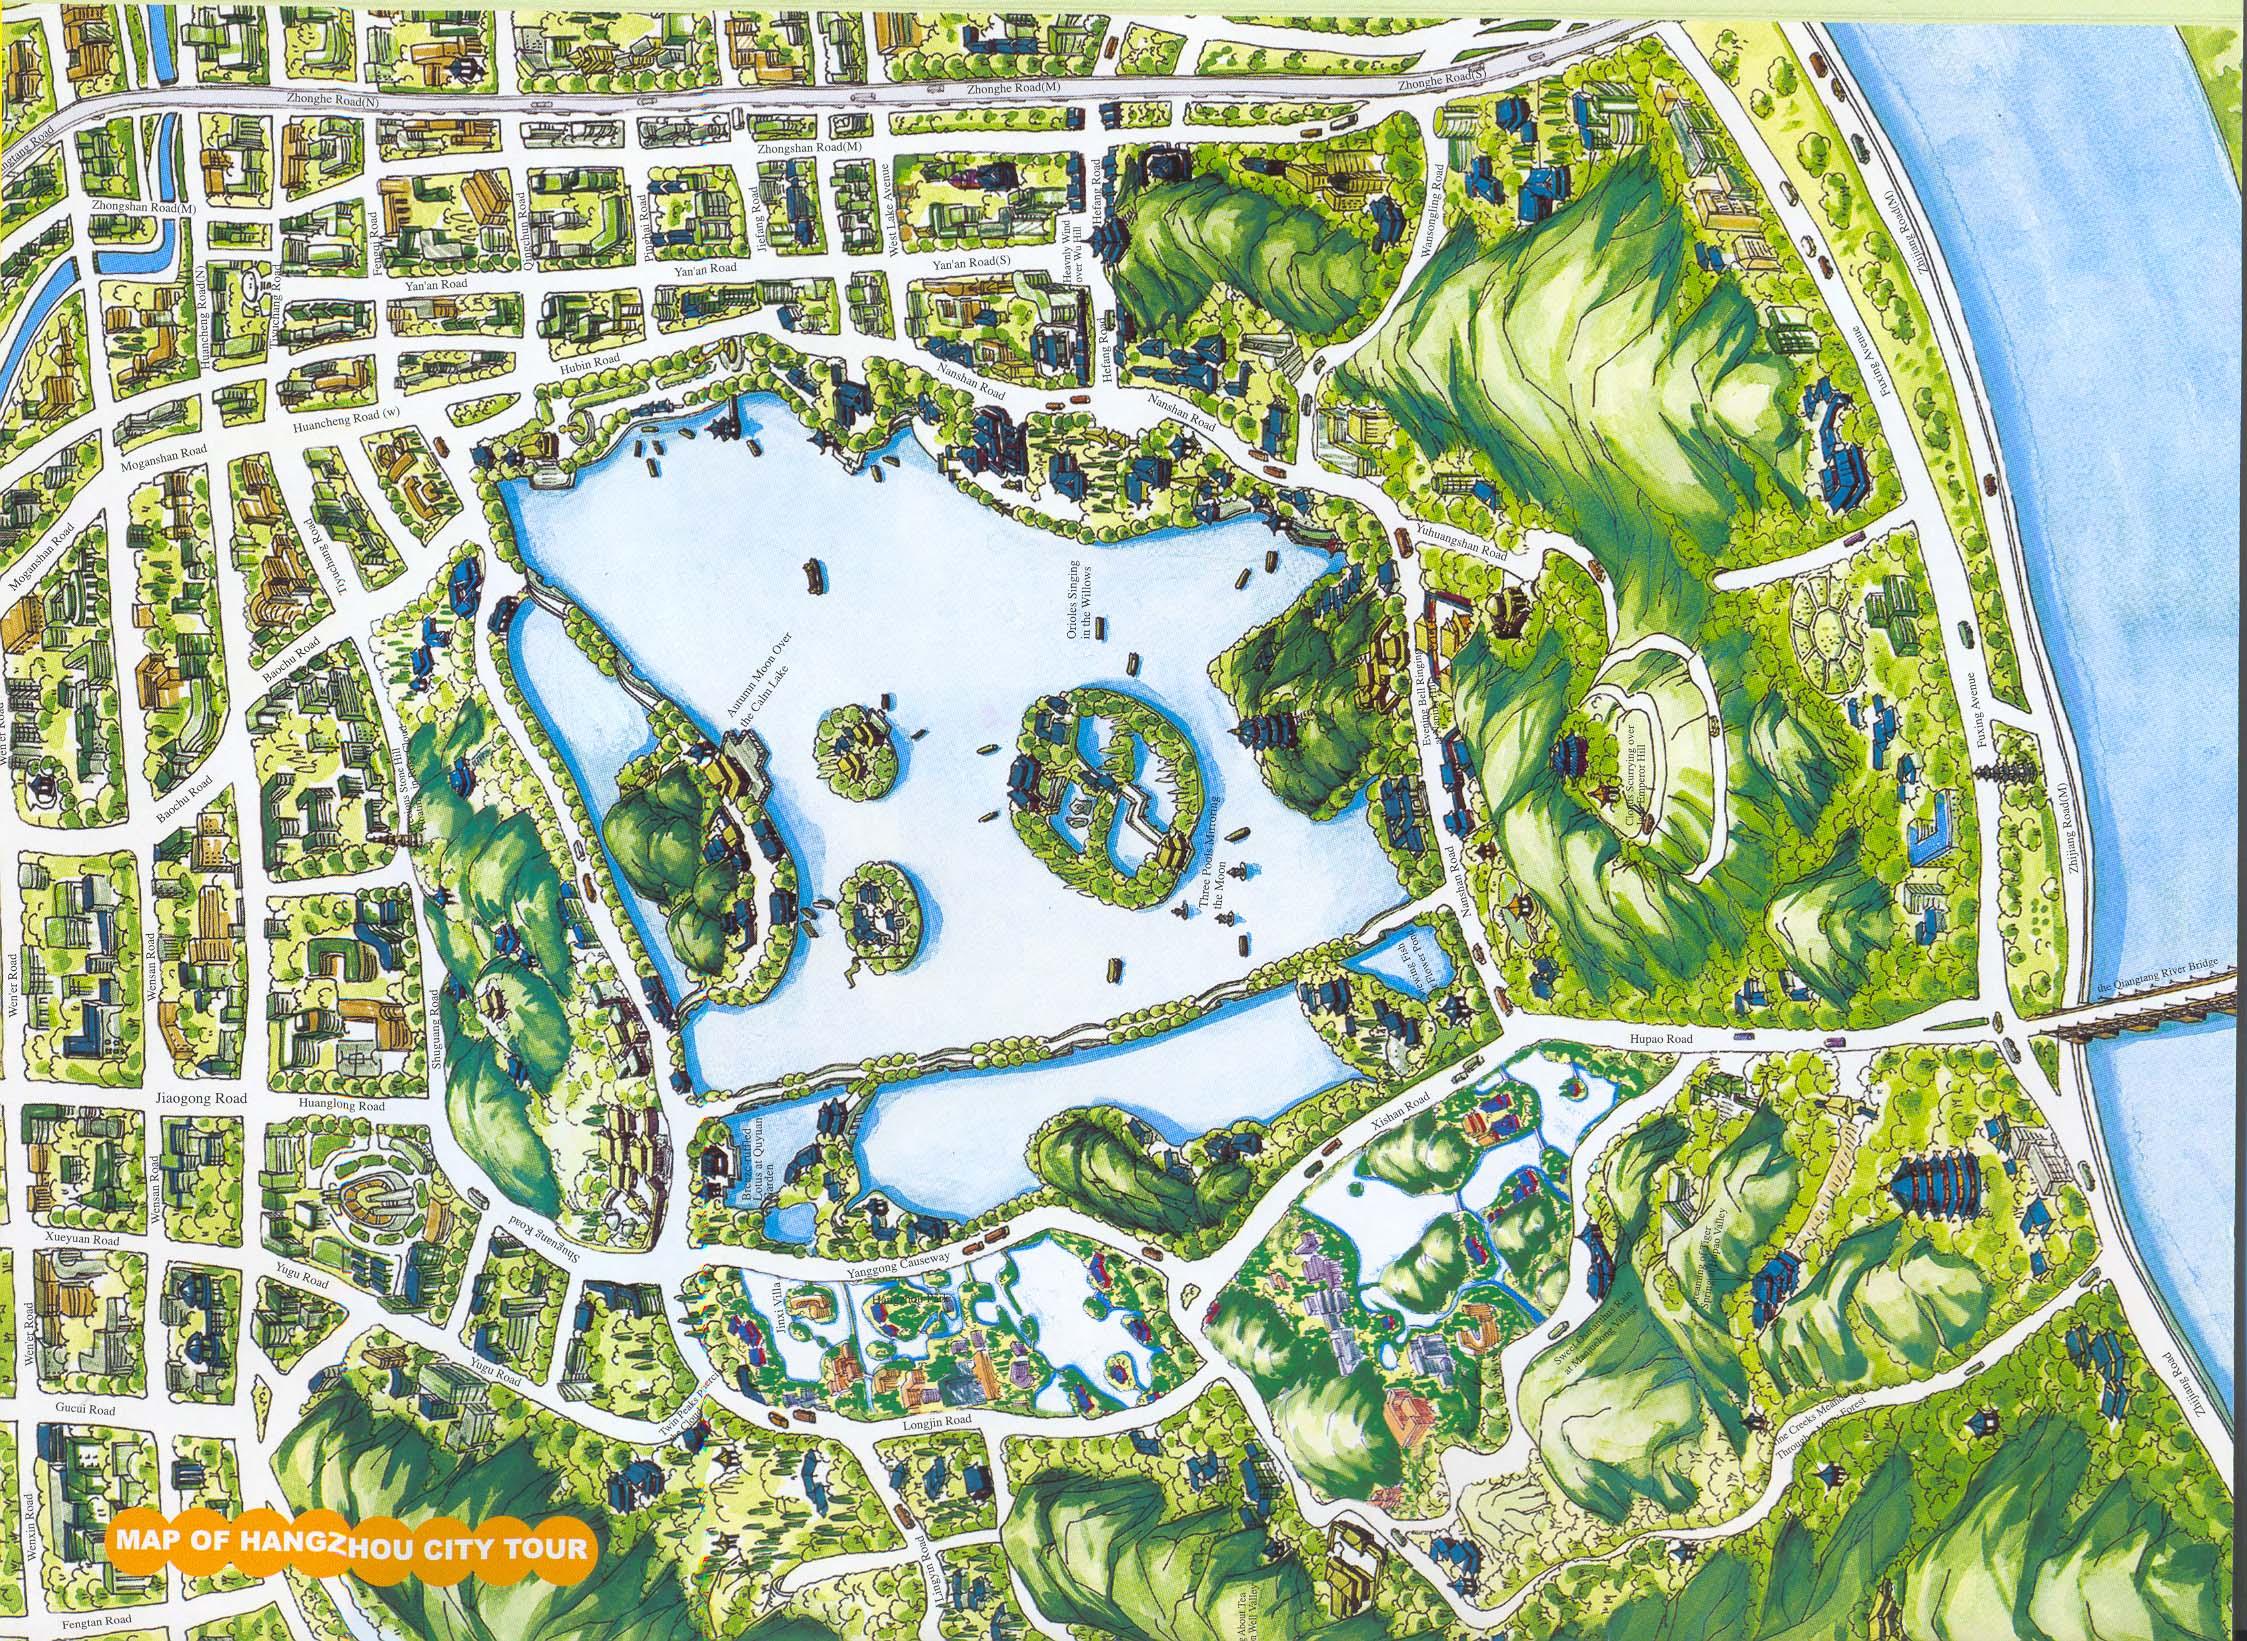 Hangzhou City Tour Map hangzhou mappery